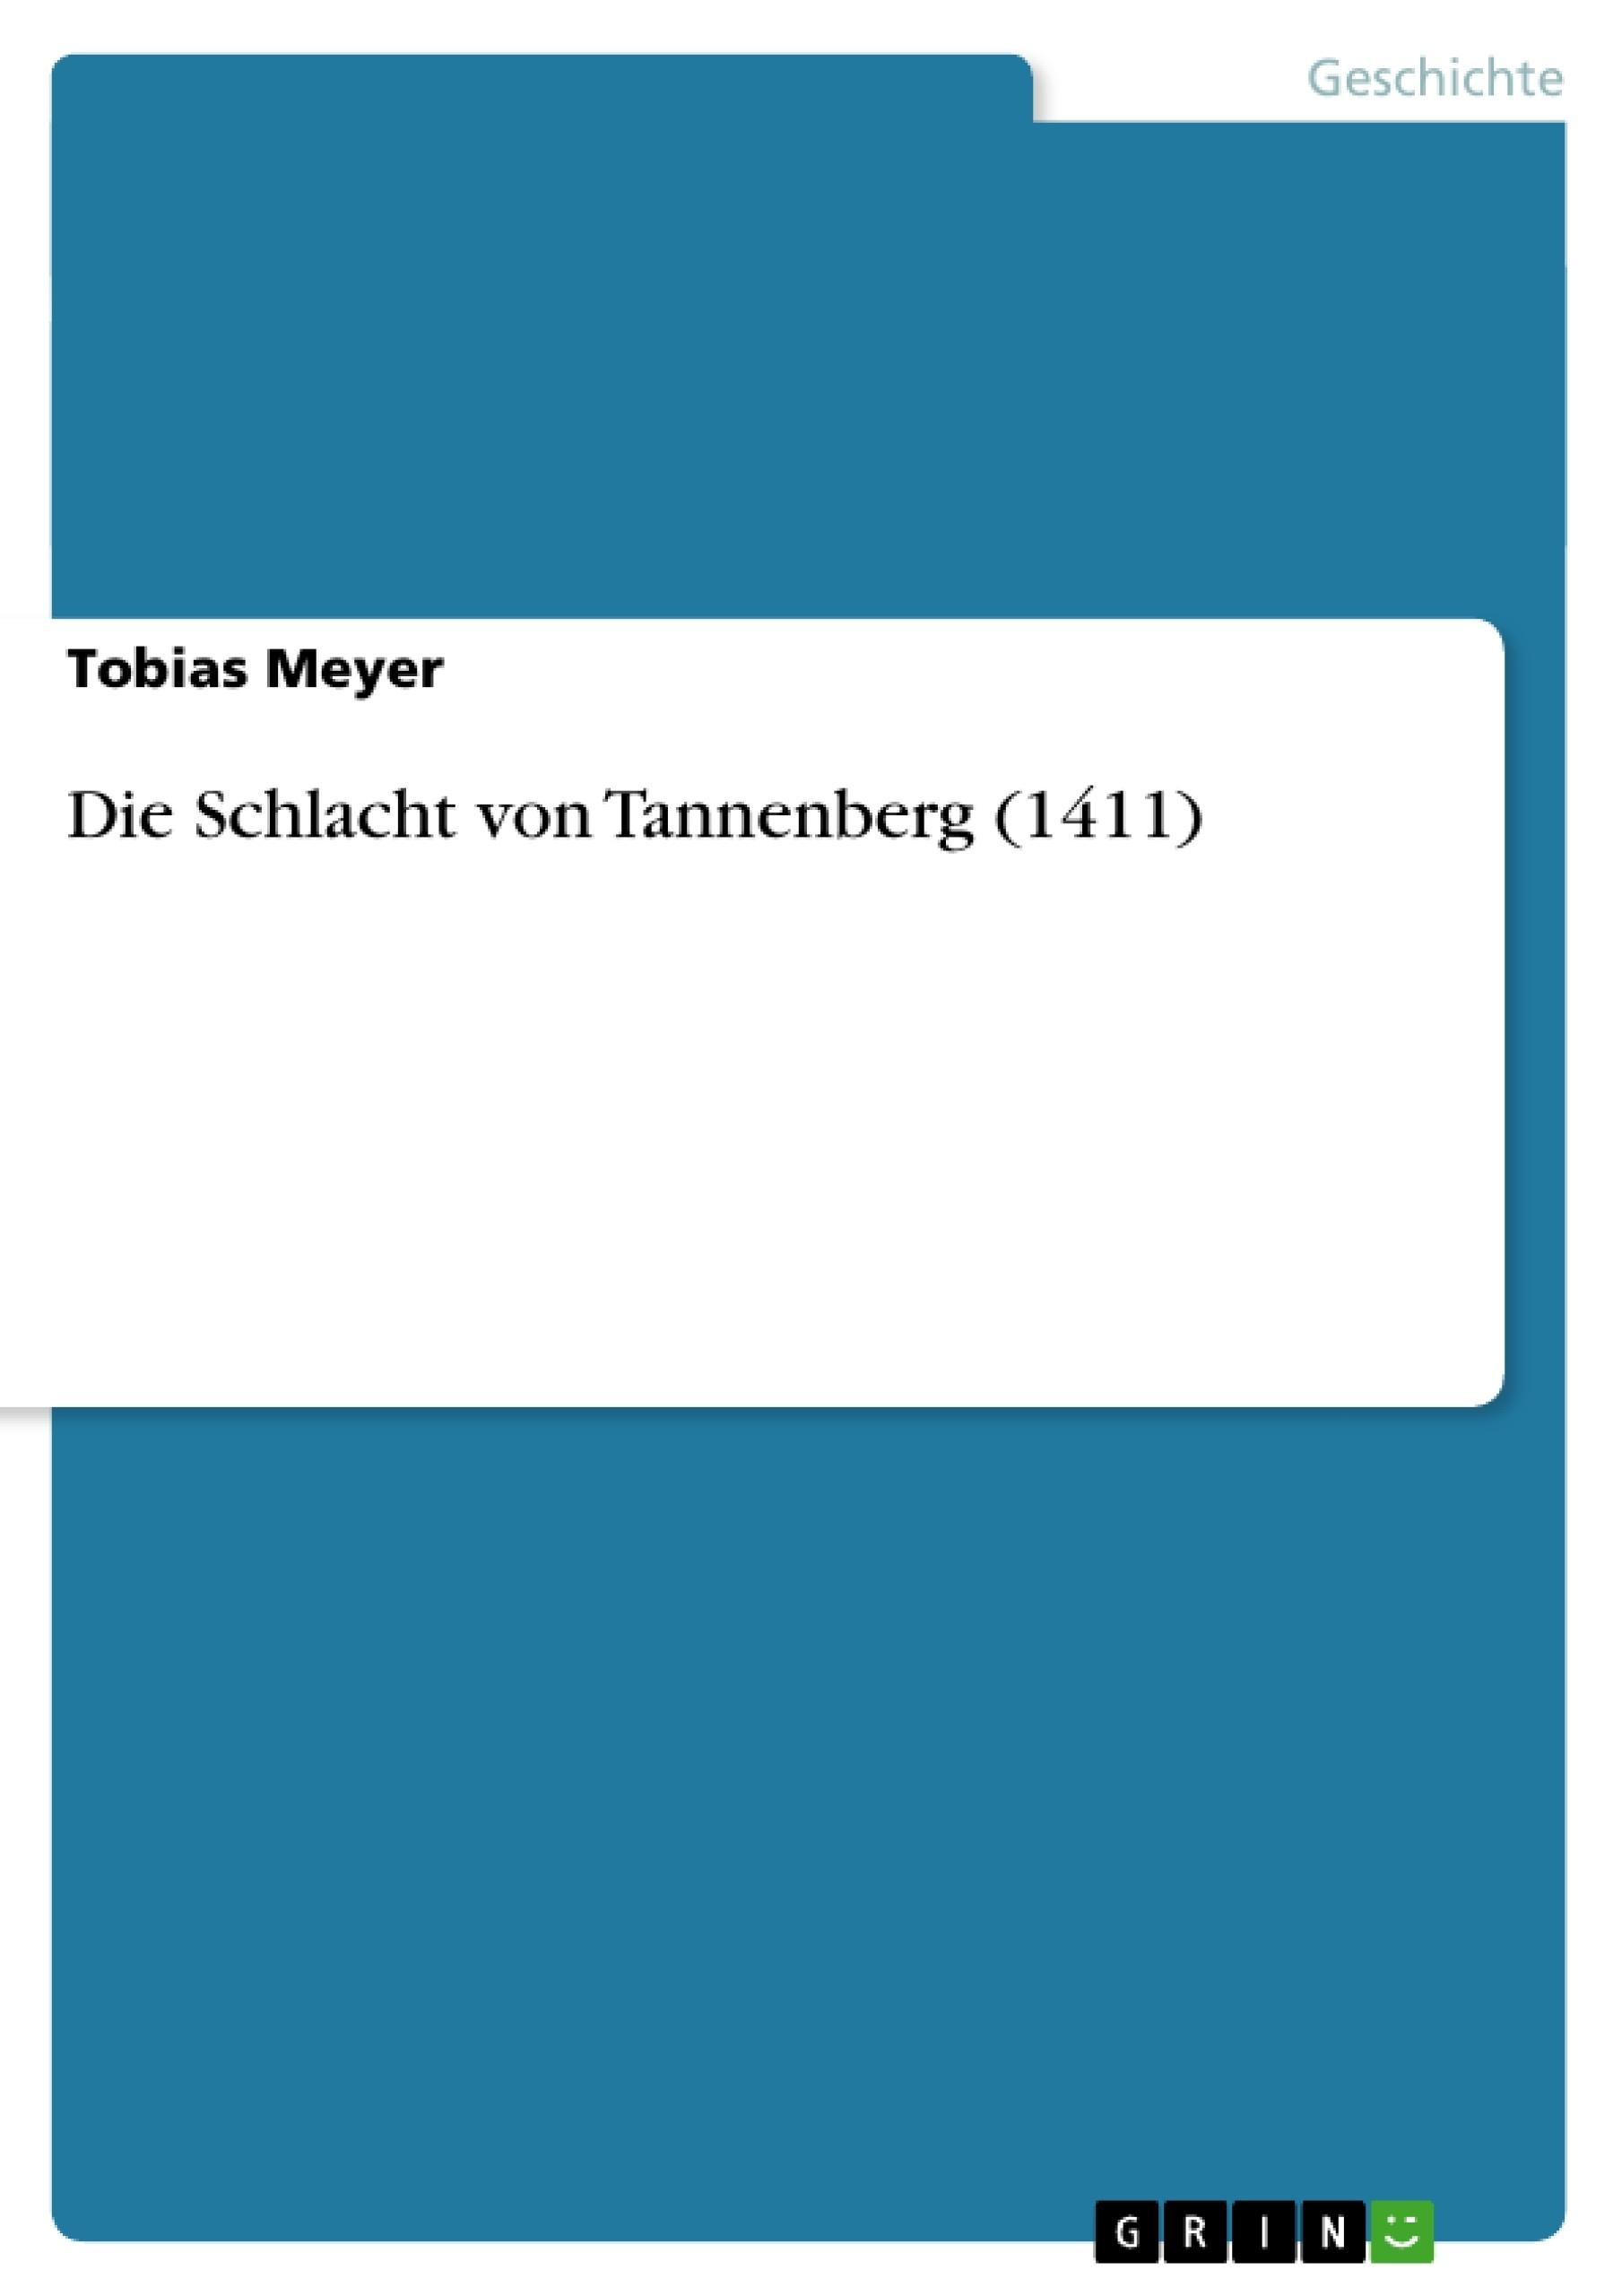 Titel: Die Schlacht von Tannenberg (1411)